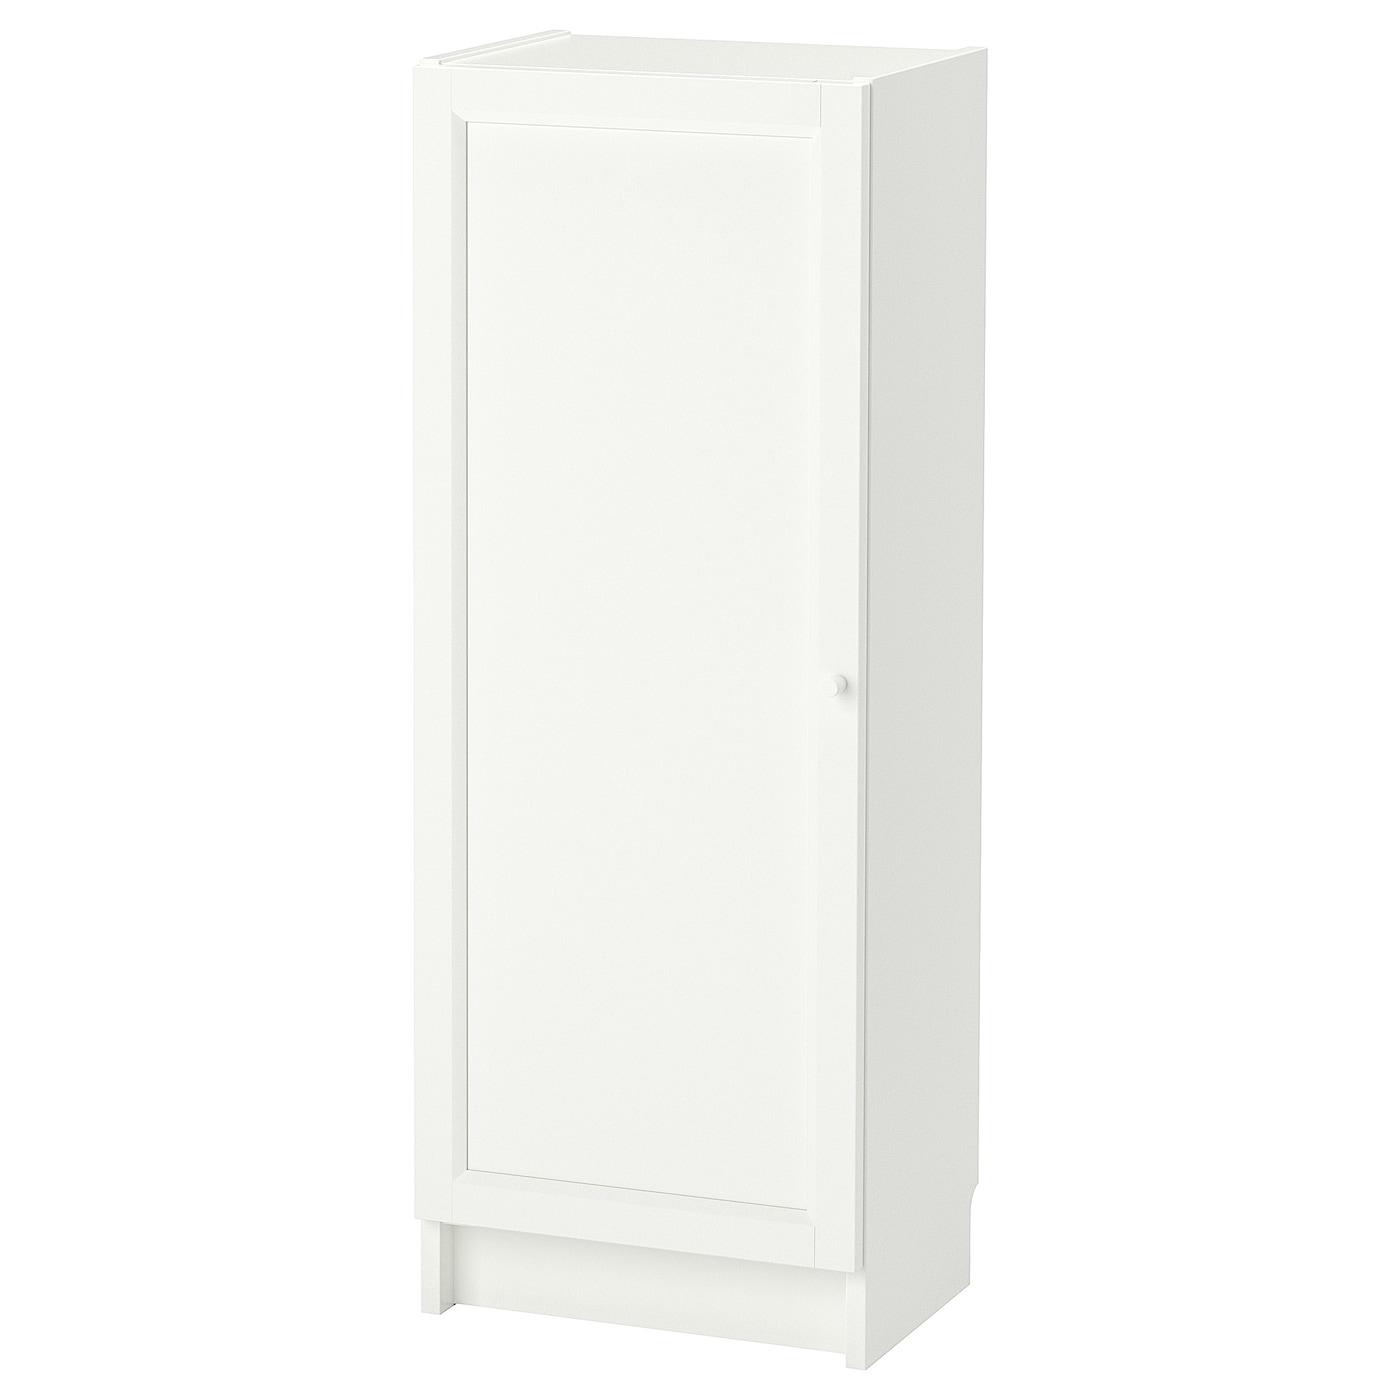 ikea billyoxberg boekenkast met deur verstelbare planken naar behoefte aan te passen